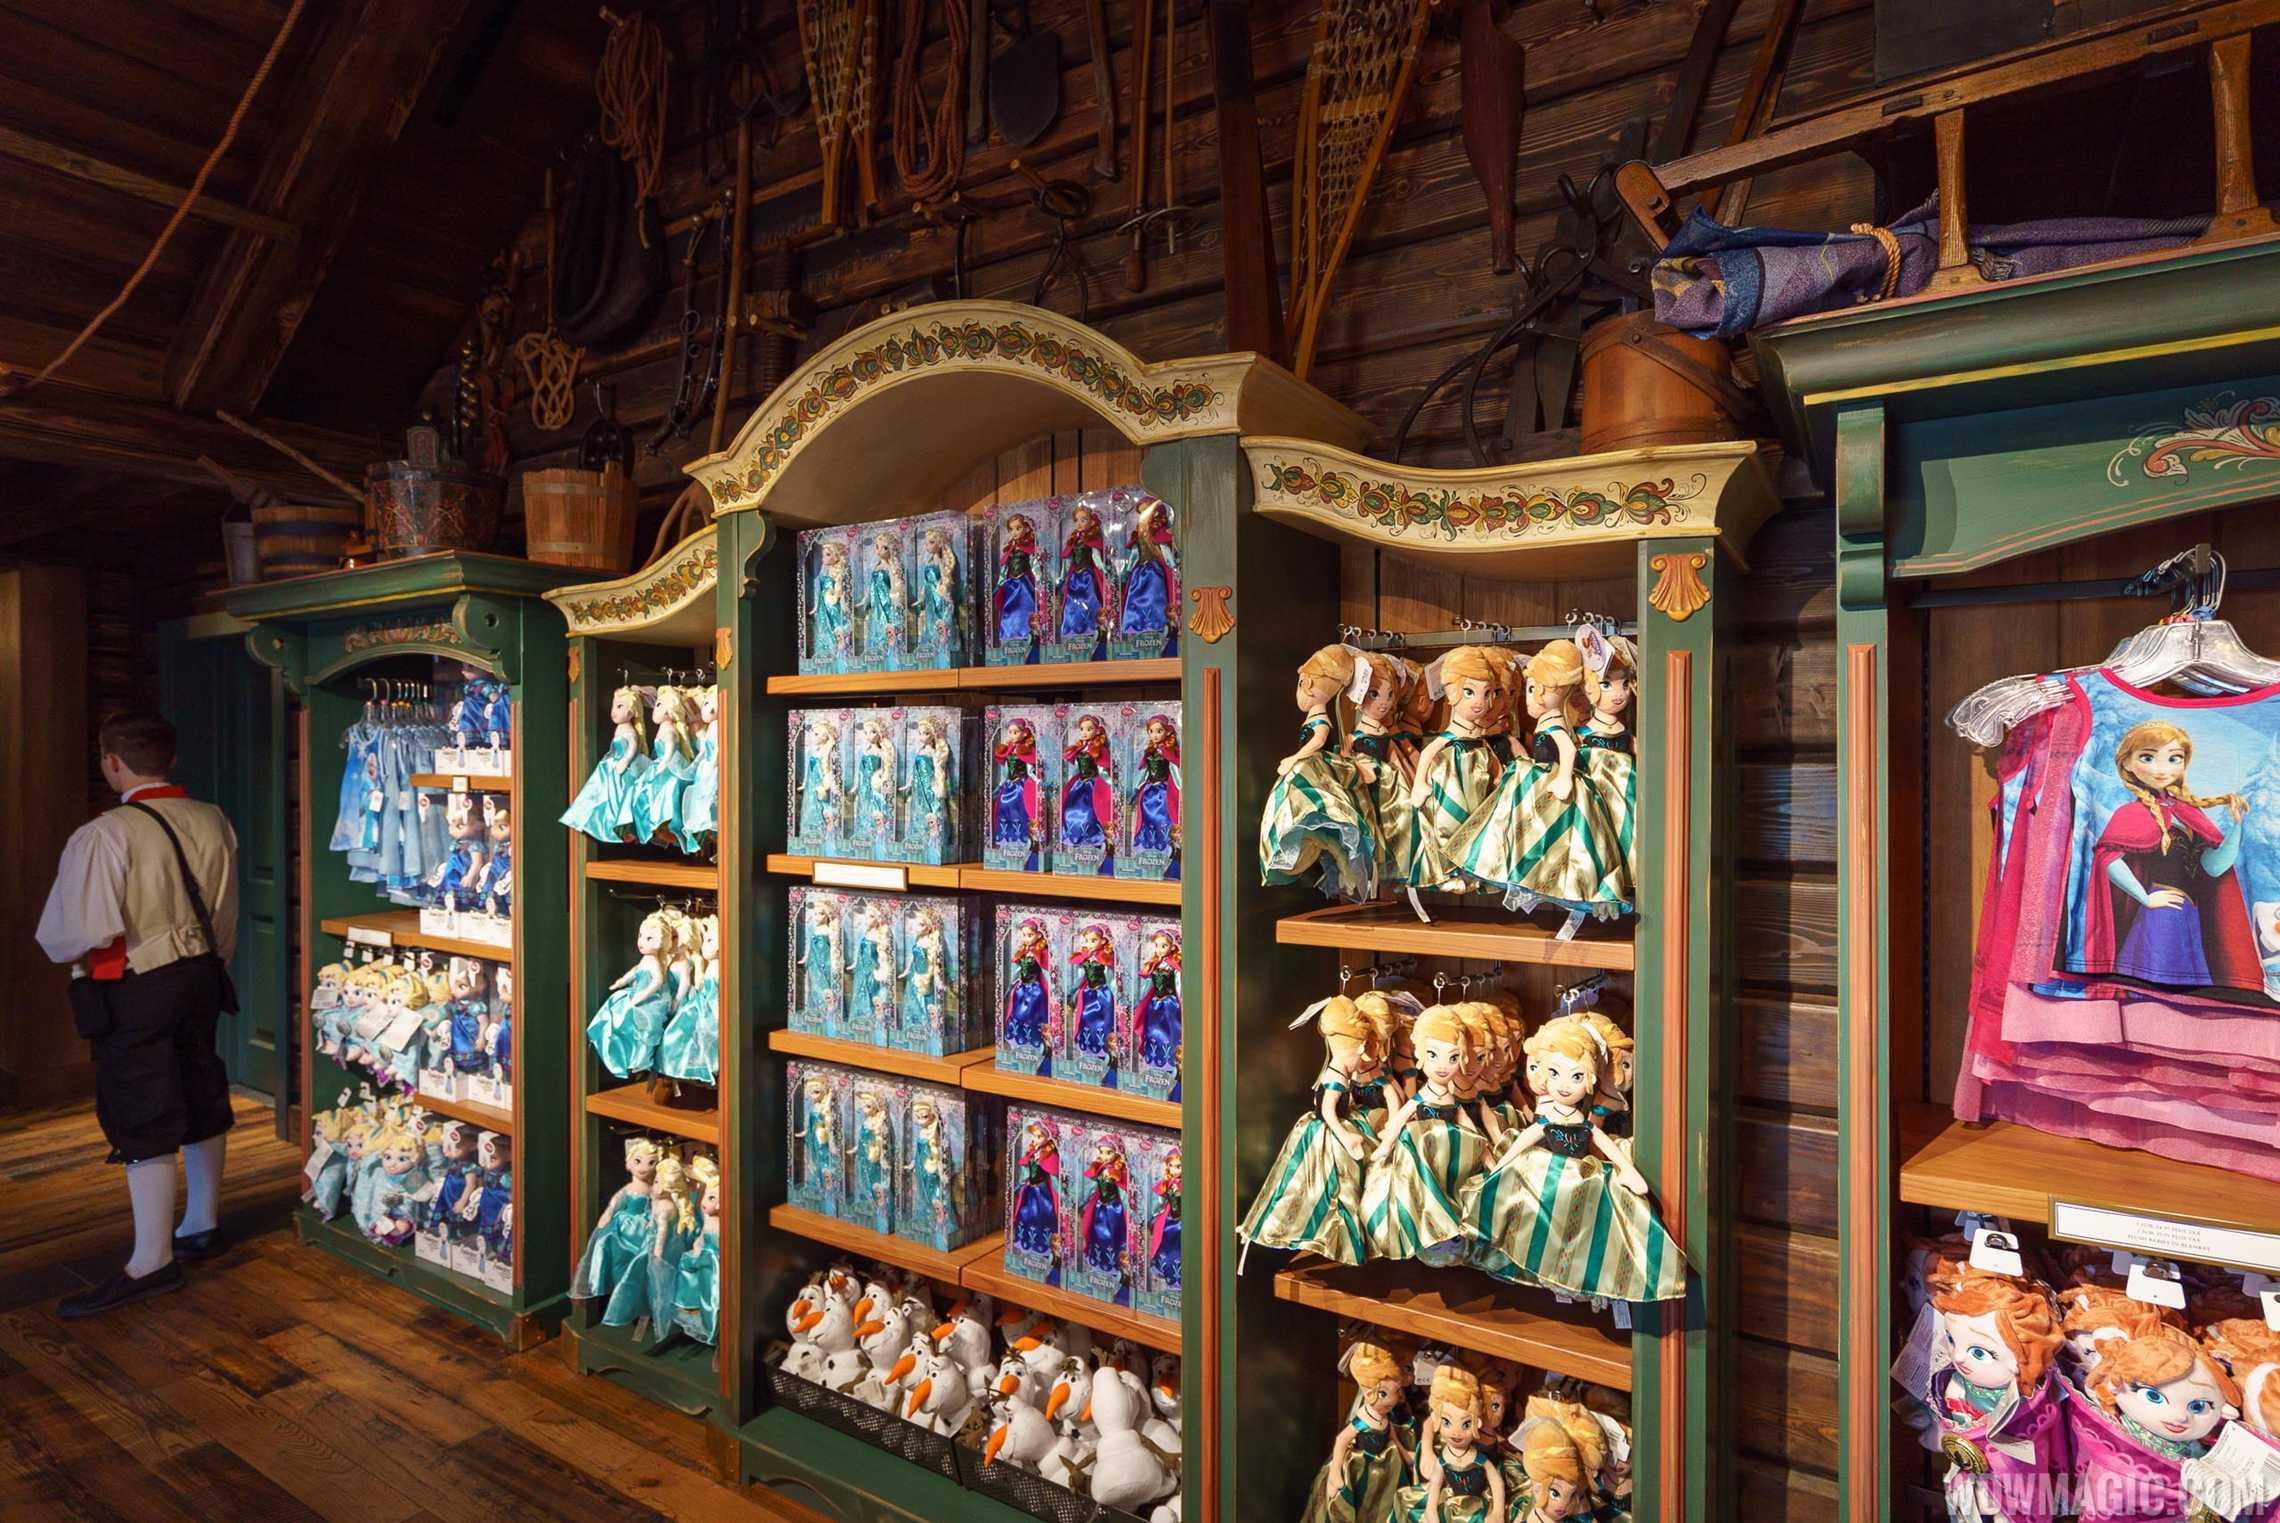 The Wandering Reindeer merchandise